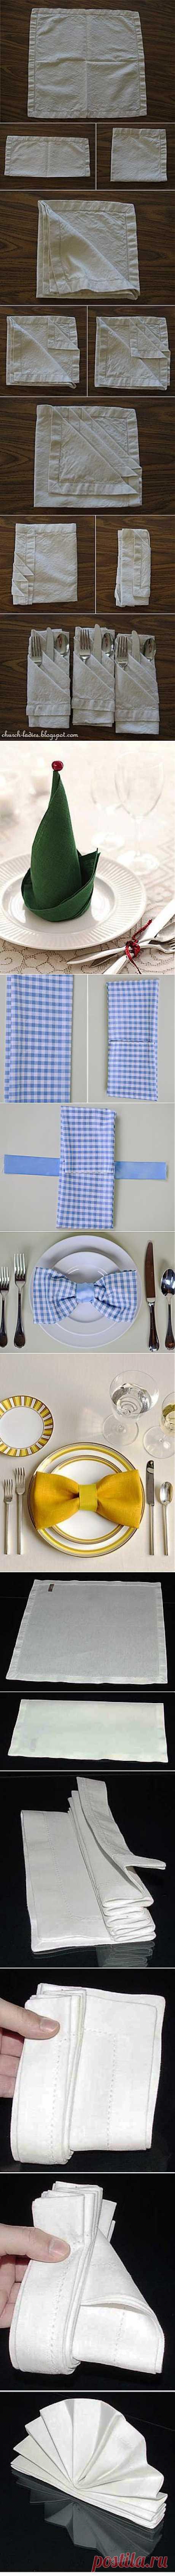 22 способа сложить салфетку для праздничного стола.